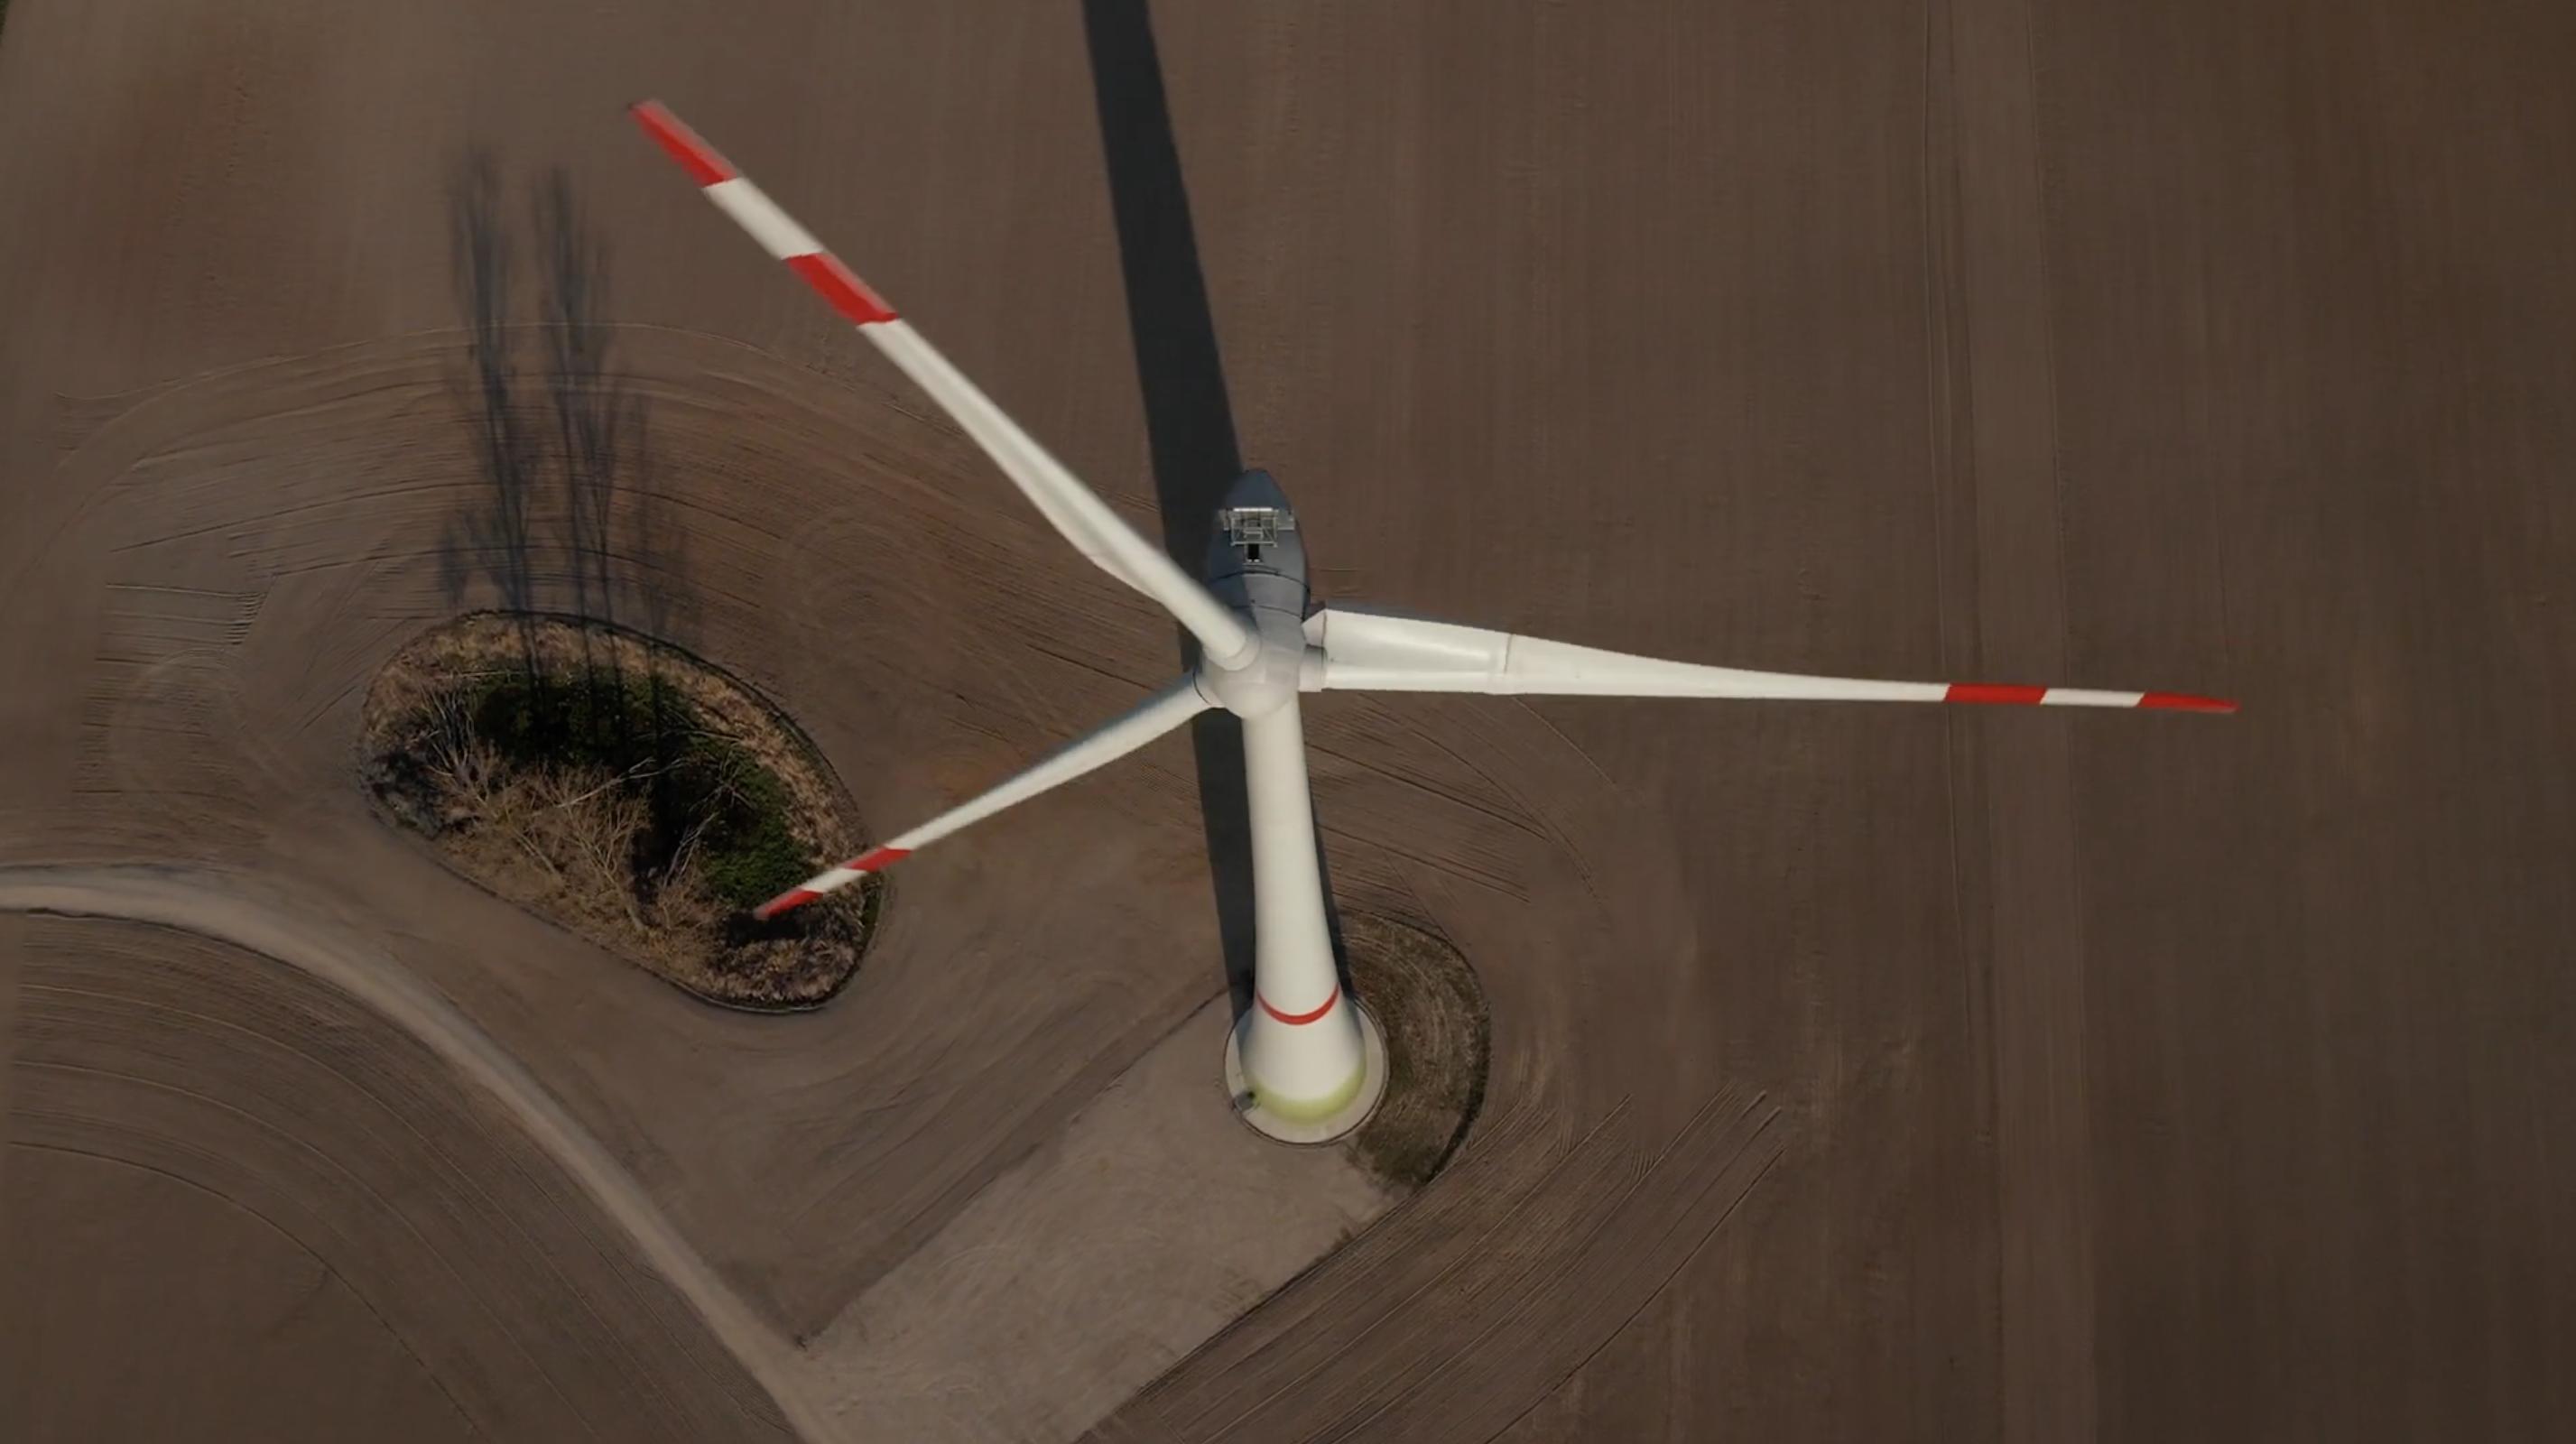 Švari energetika Lietuvoje: jau greitai pagaminsime 50 proc. elektros energijos iš vėjo (Video)